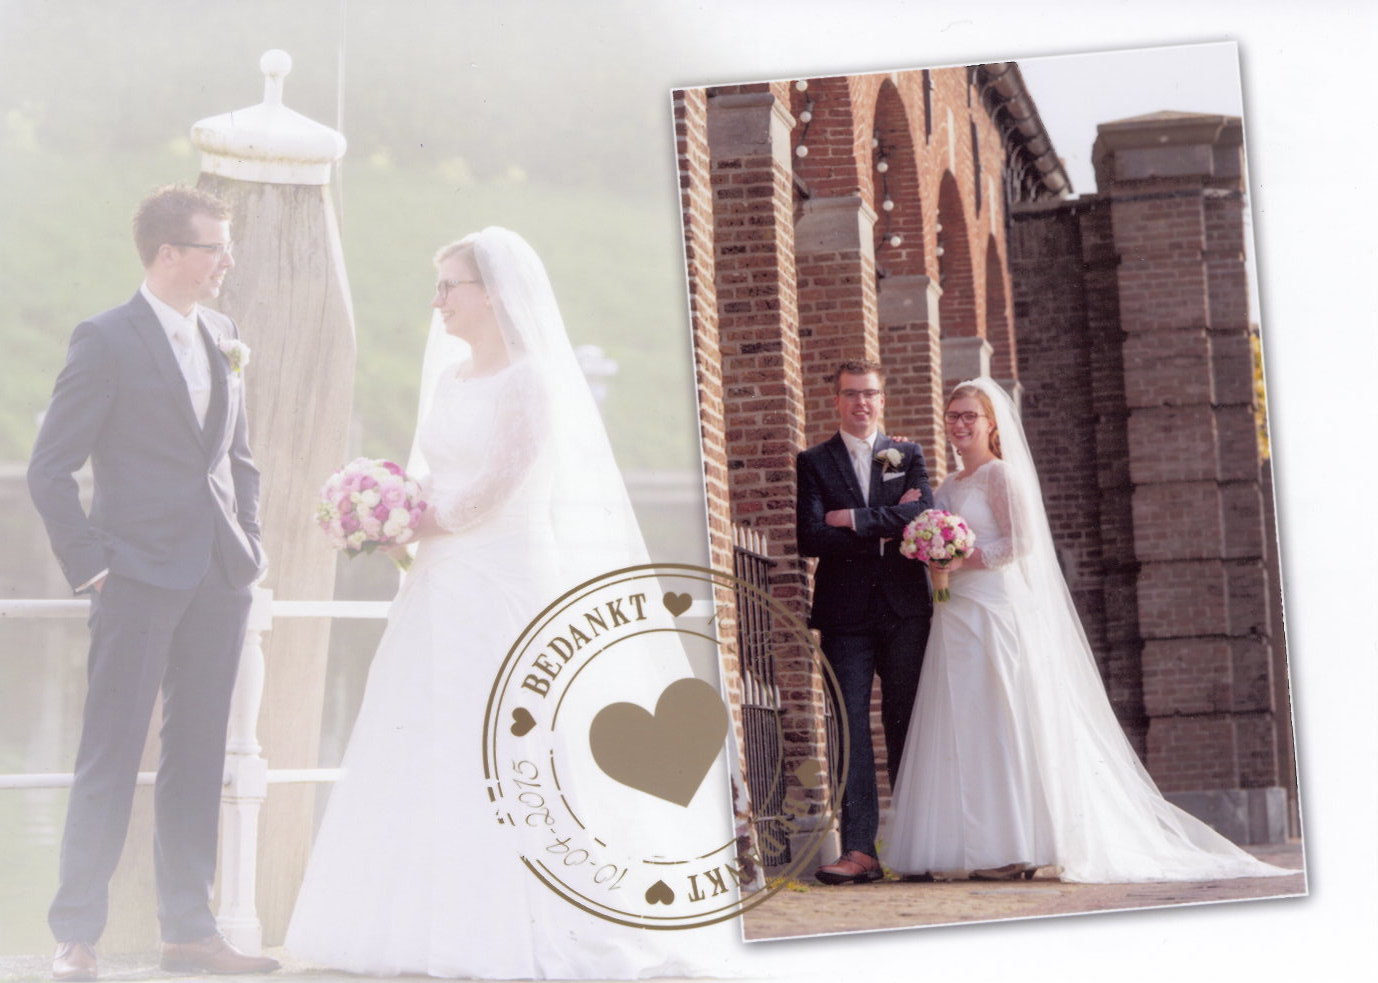 Bruidspaar Arjan de Graaf - Joanne van Loon (10-04-2015)